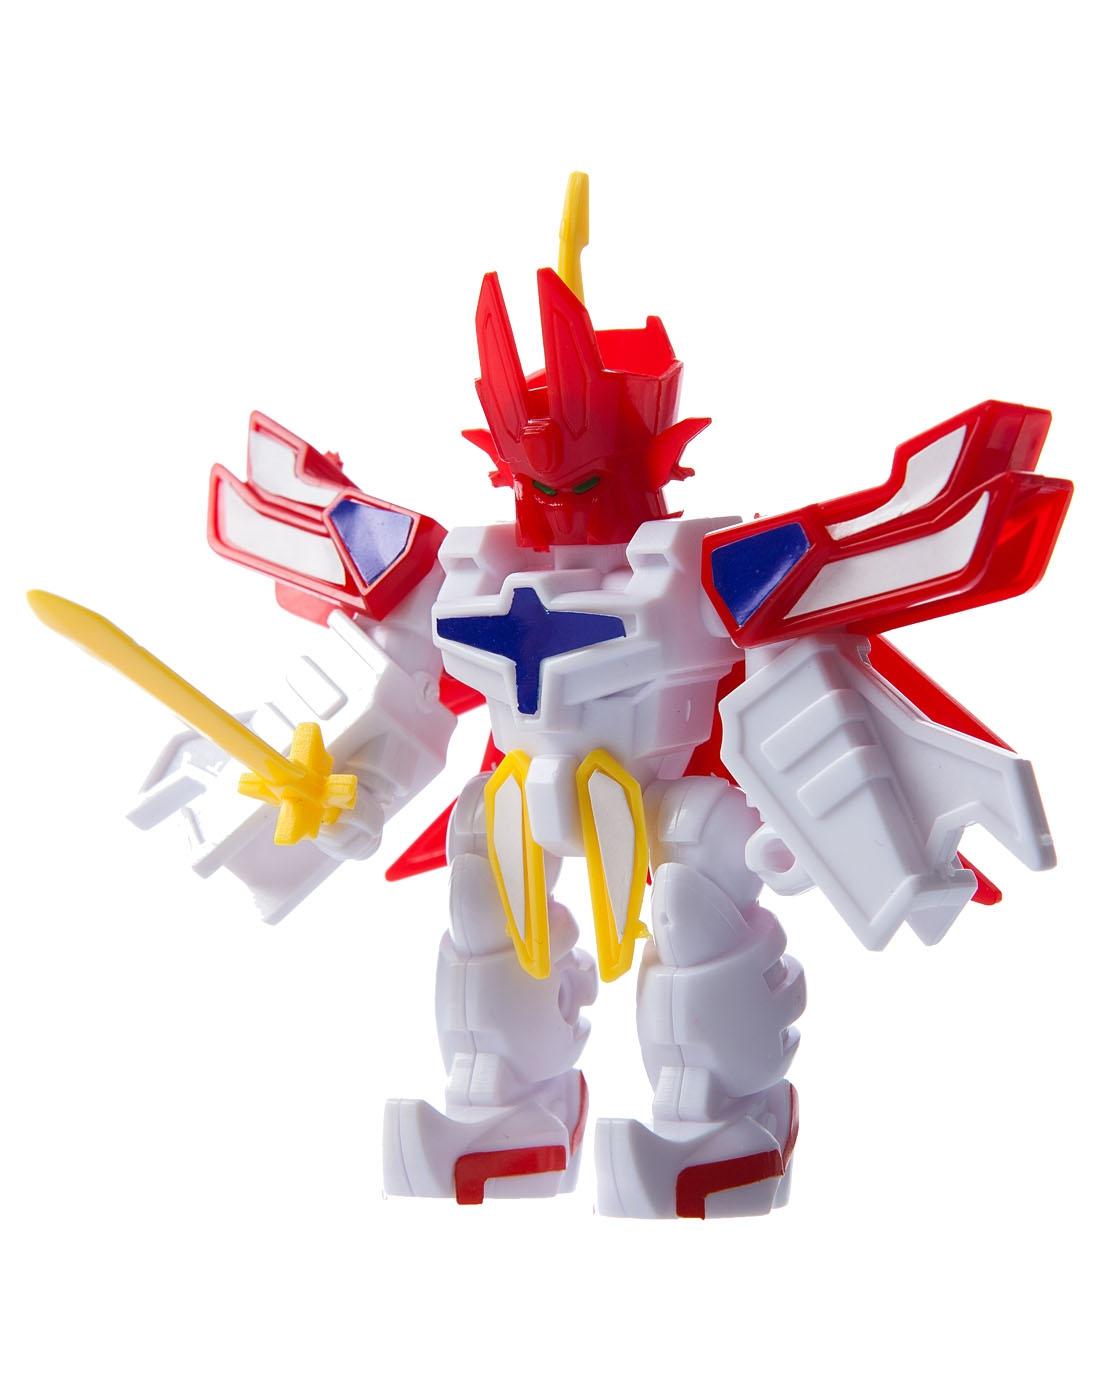 龙昌 宠物机器人-螃蟹(蓝)si285蓝 迷你超级光能使者l0063